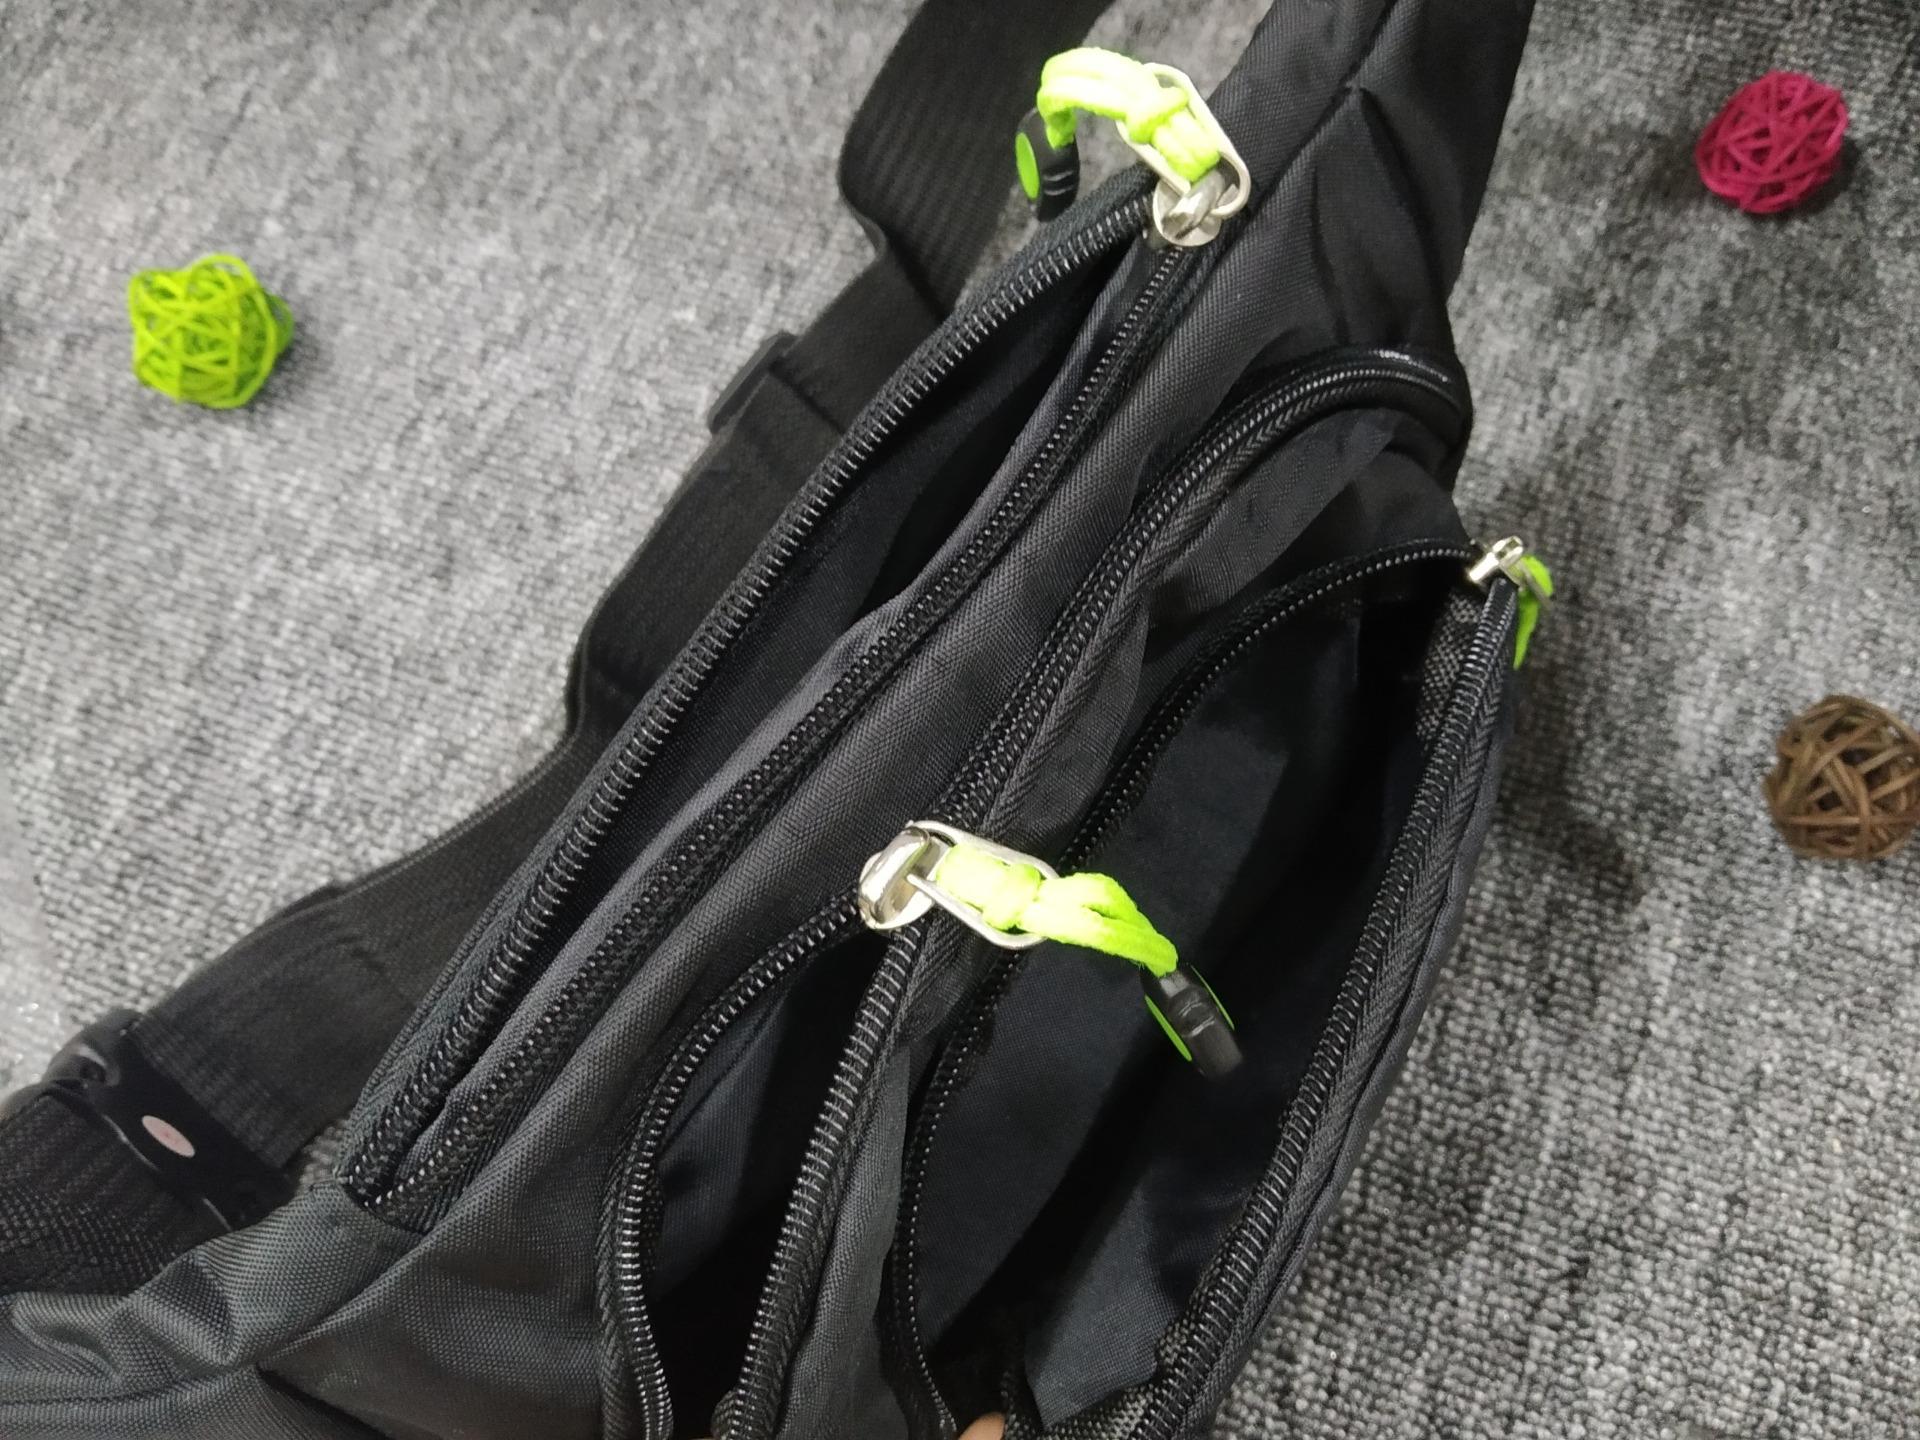 Túi bao tử mini, túi bao tử đeo bụng được ưa chuộng